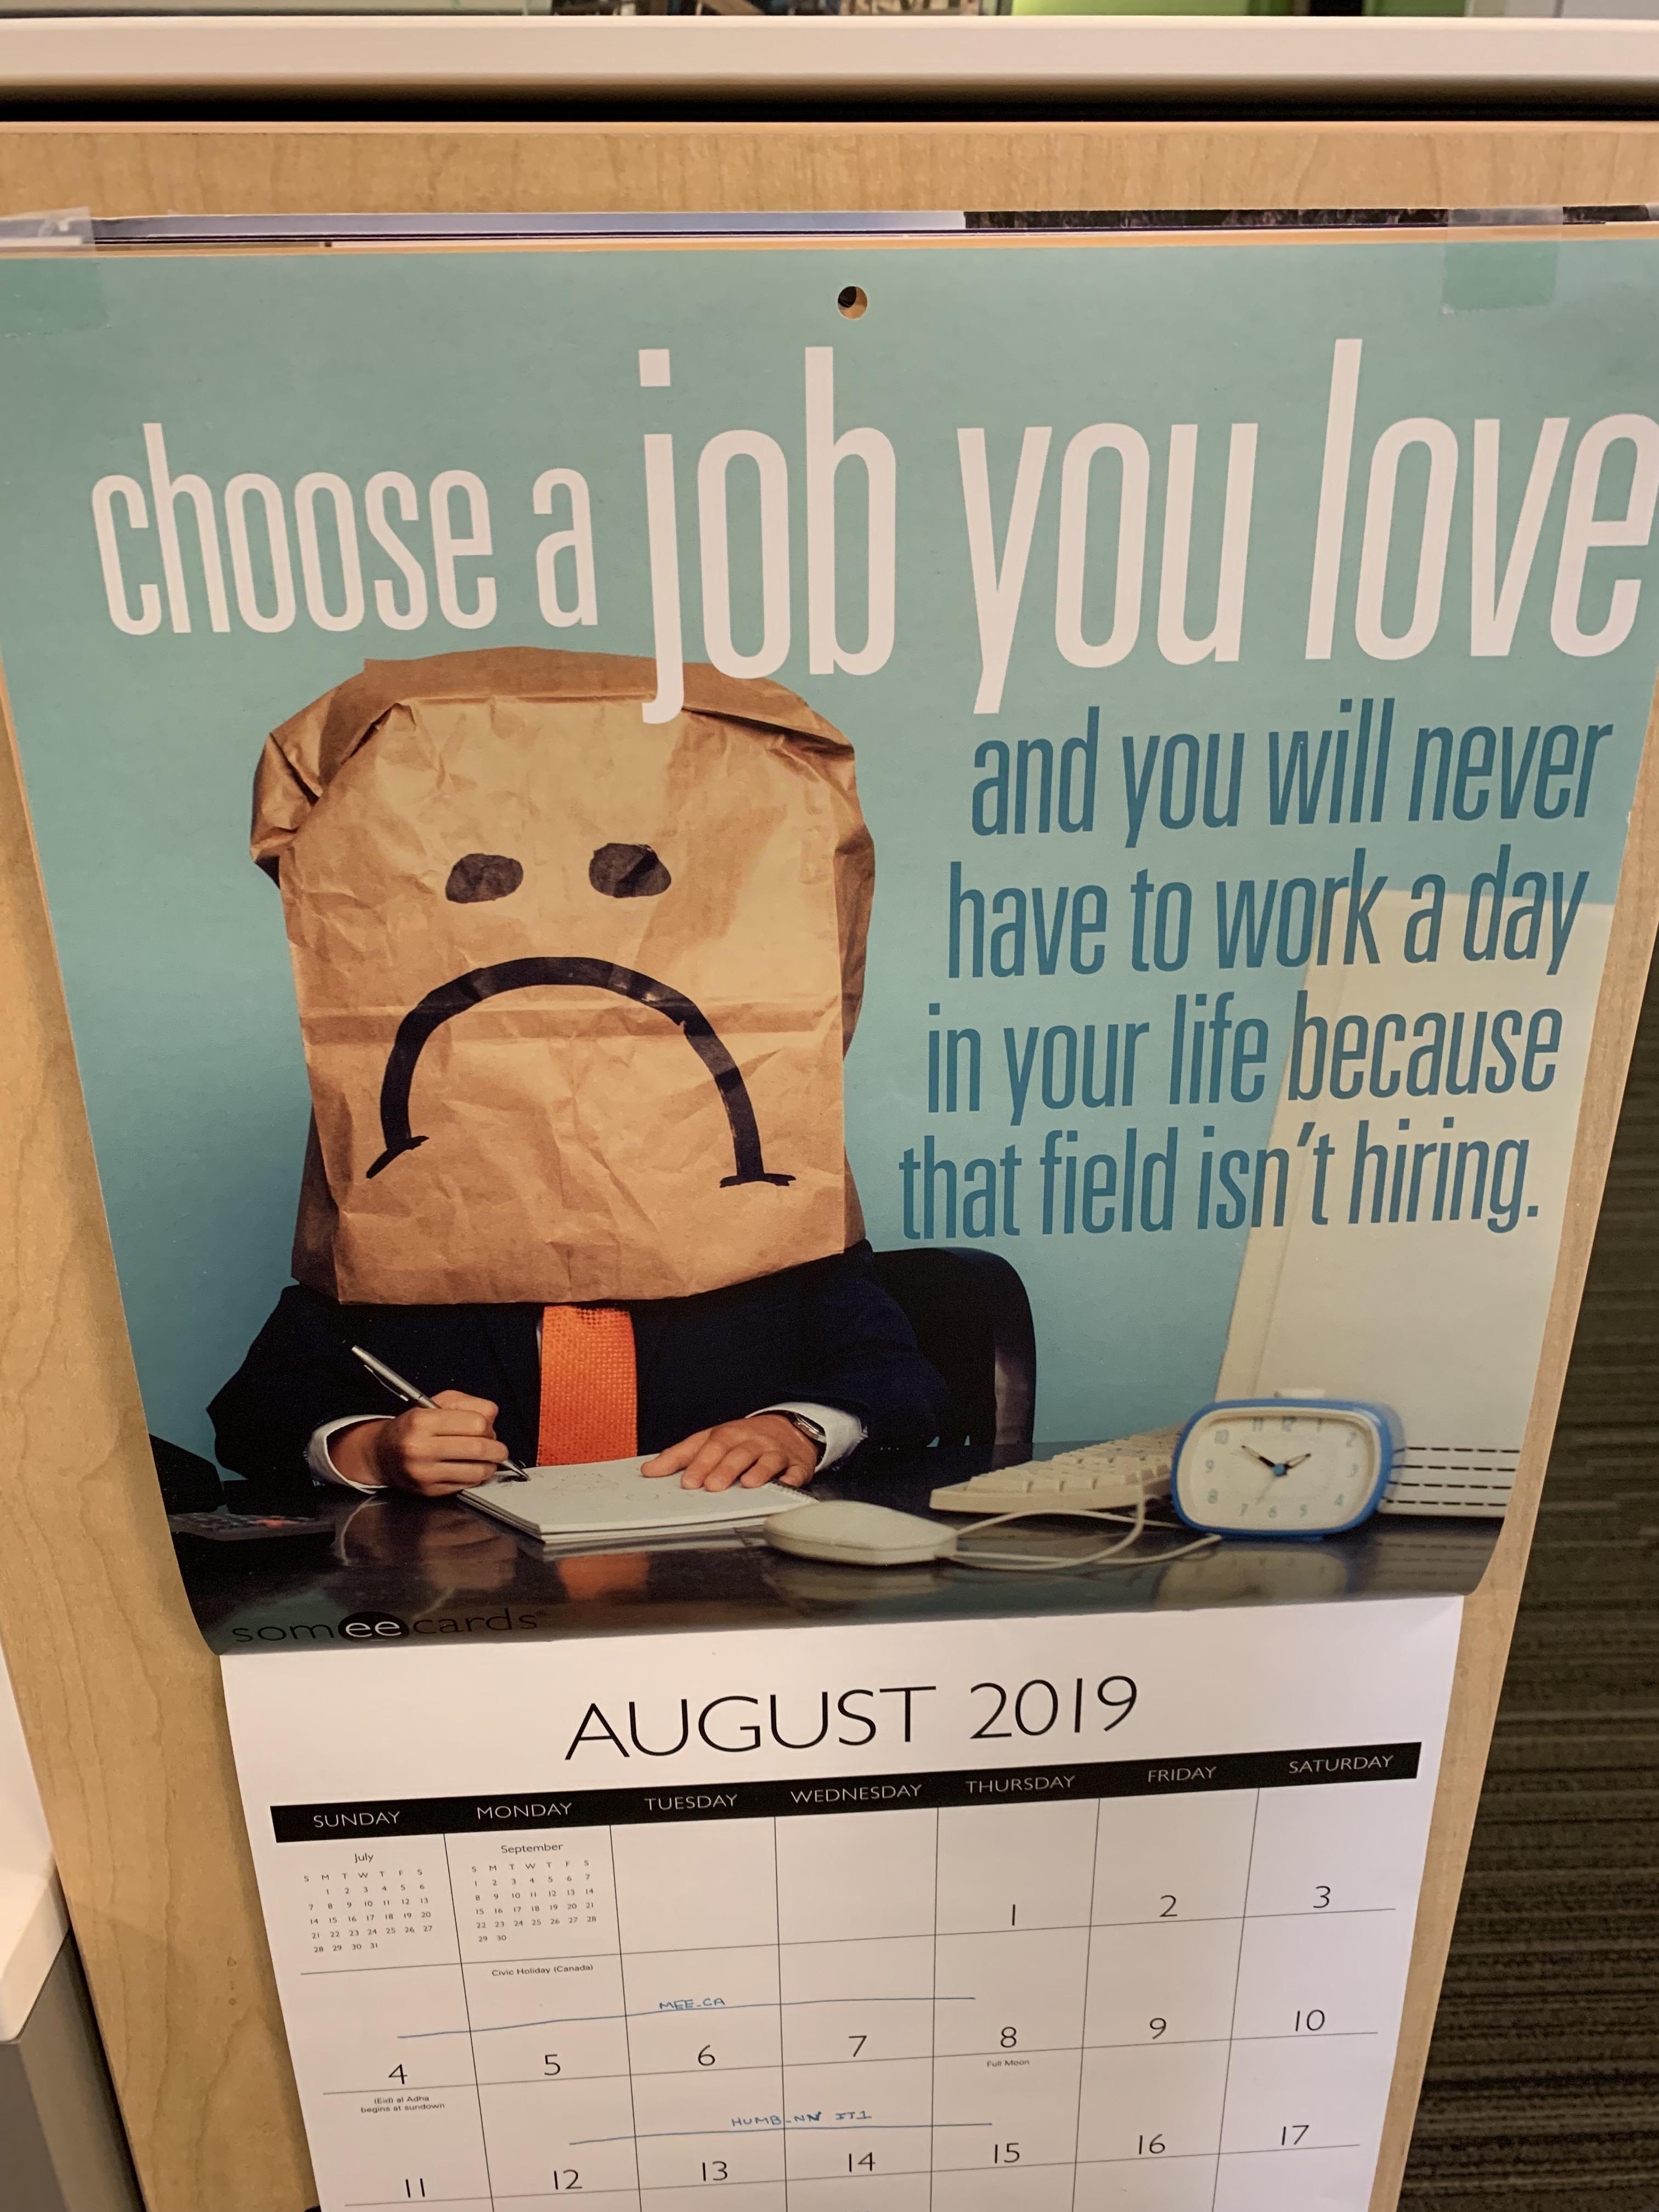 A calendar at work